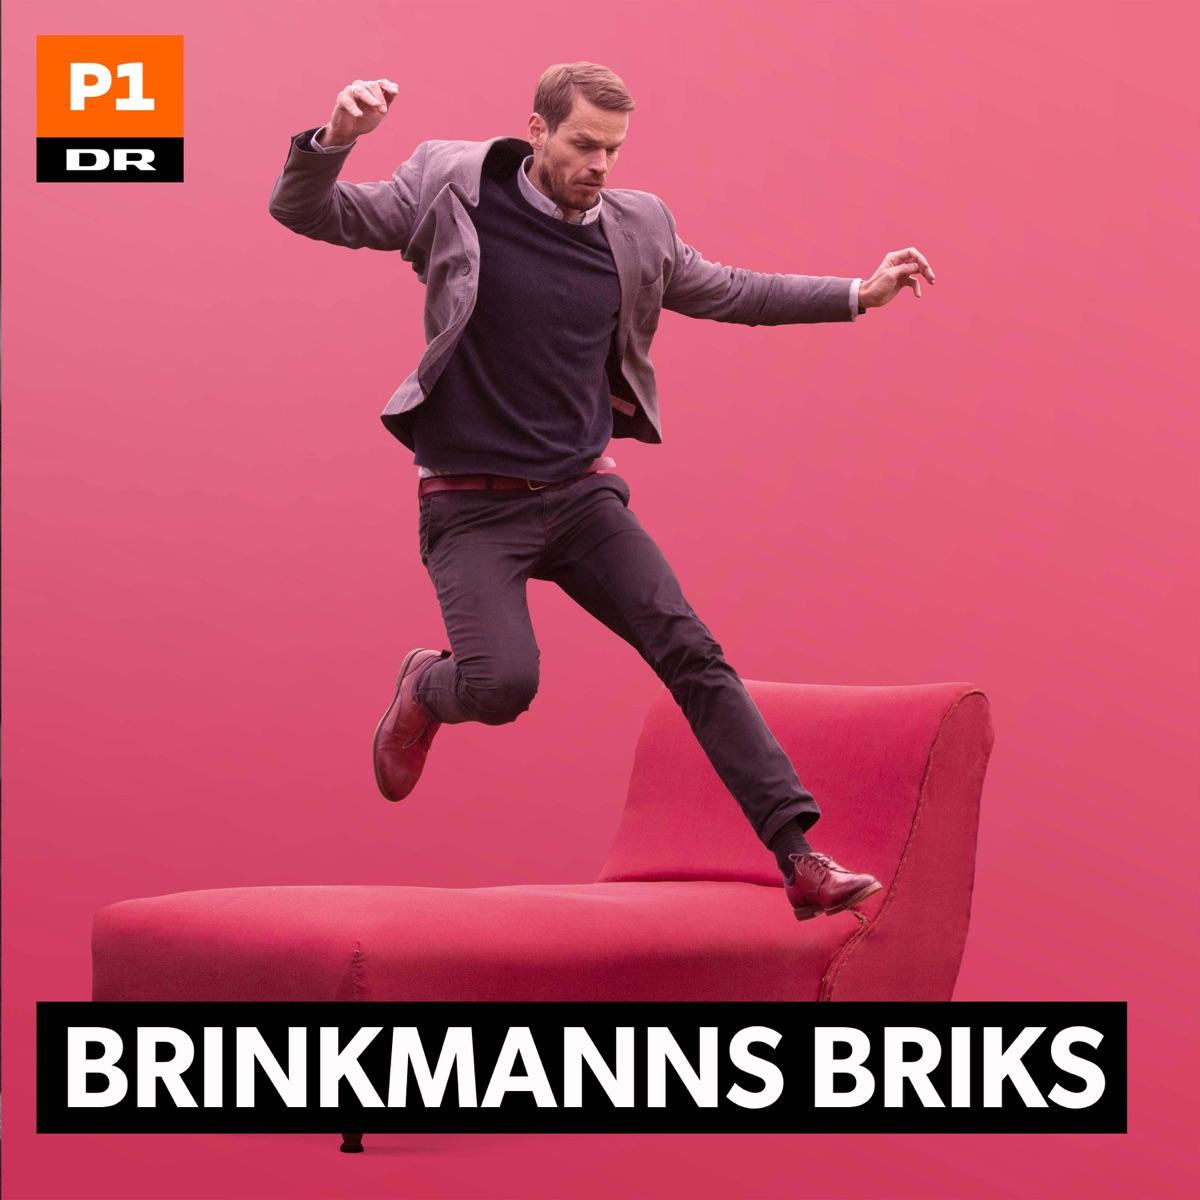 Brinkmanns briks: Julen... Hvad skal vi med den?